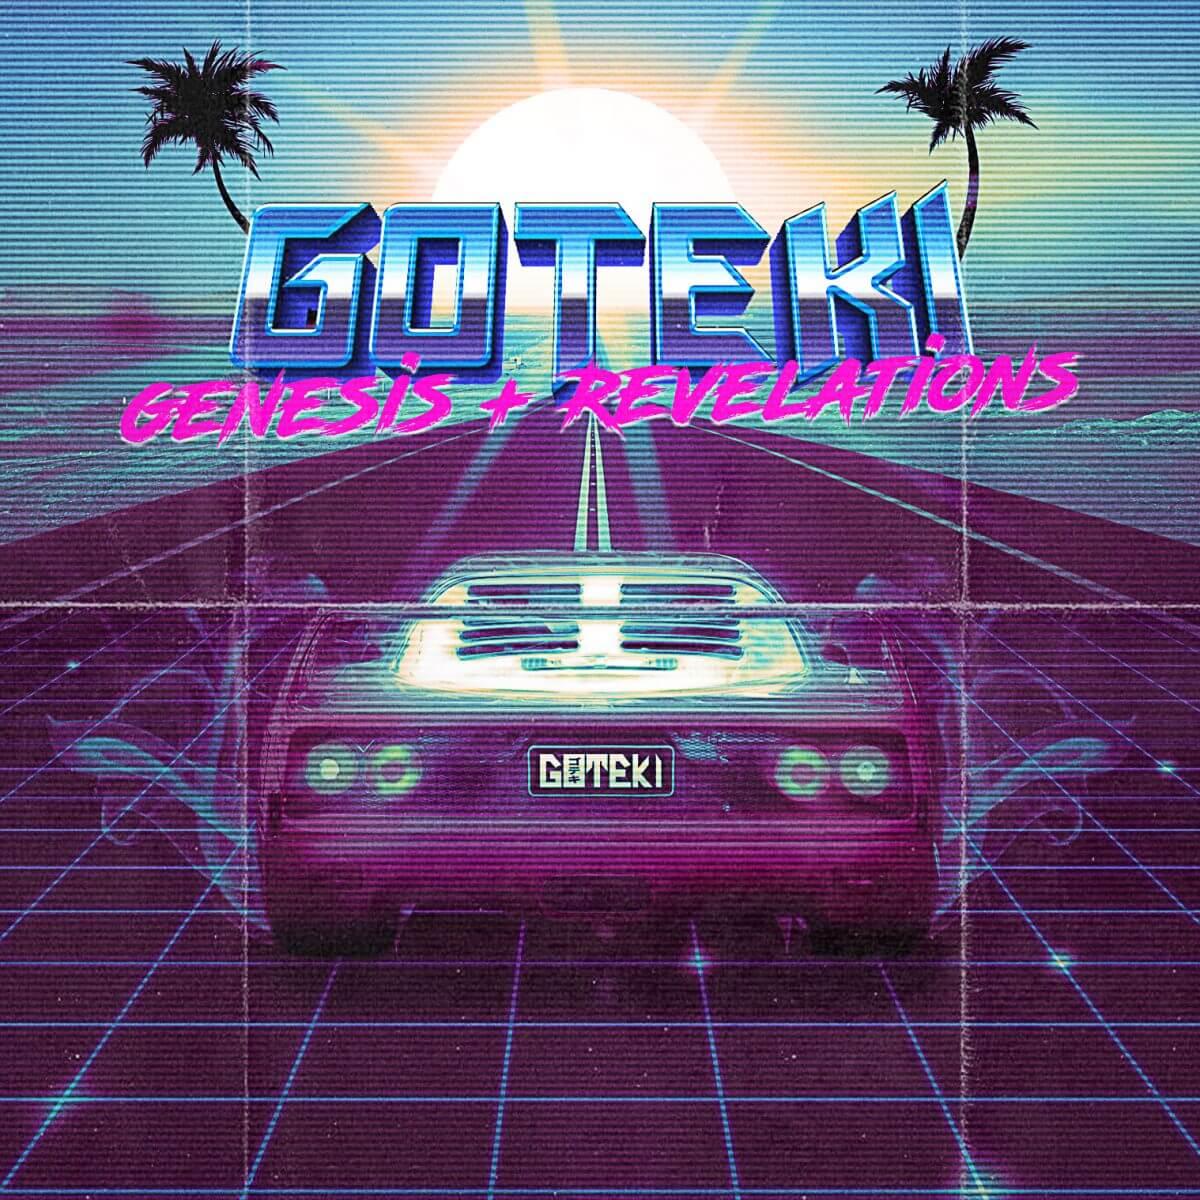 Goteki – Genesis + Revelations